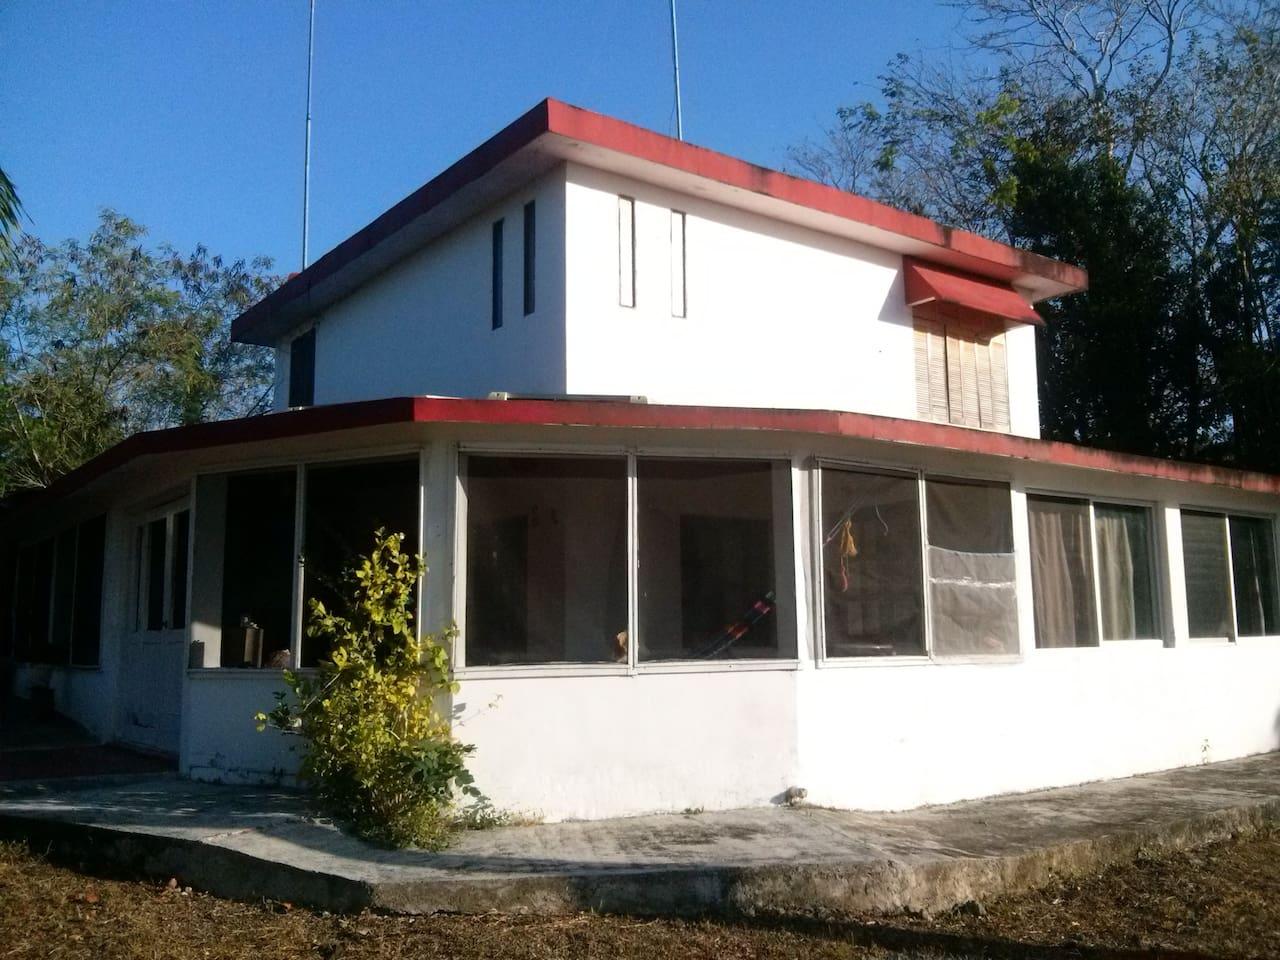 Eco-rancho Sur casa de campo completa 3 habitaciones cuádruples   Seguro, silencioso, tranquilo y ecológico